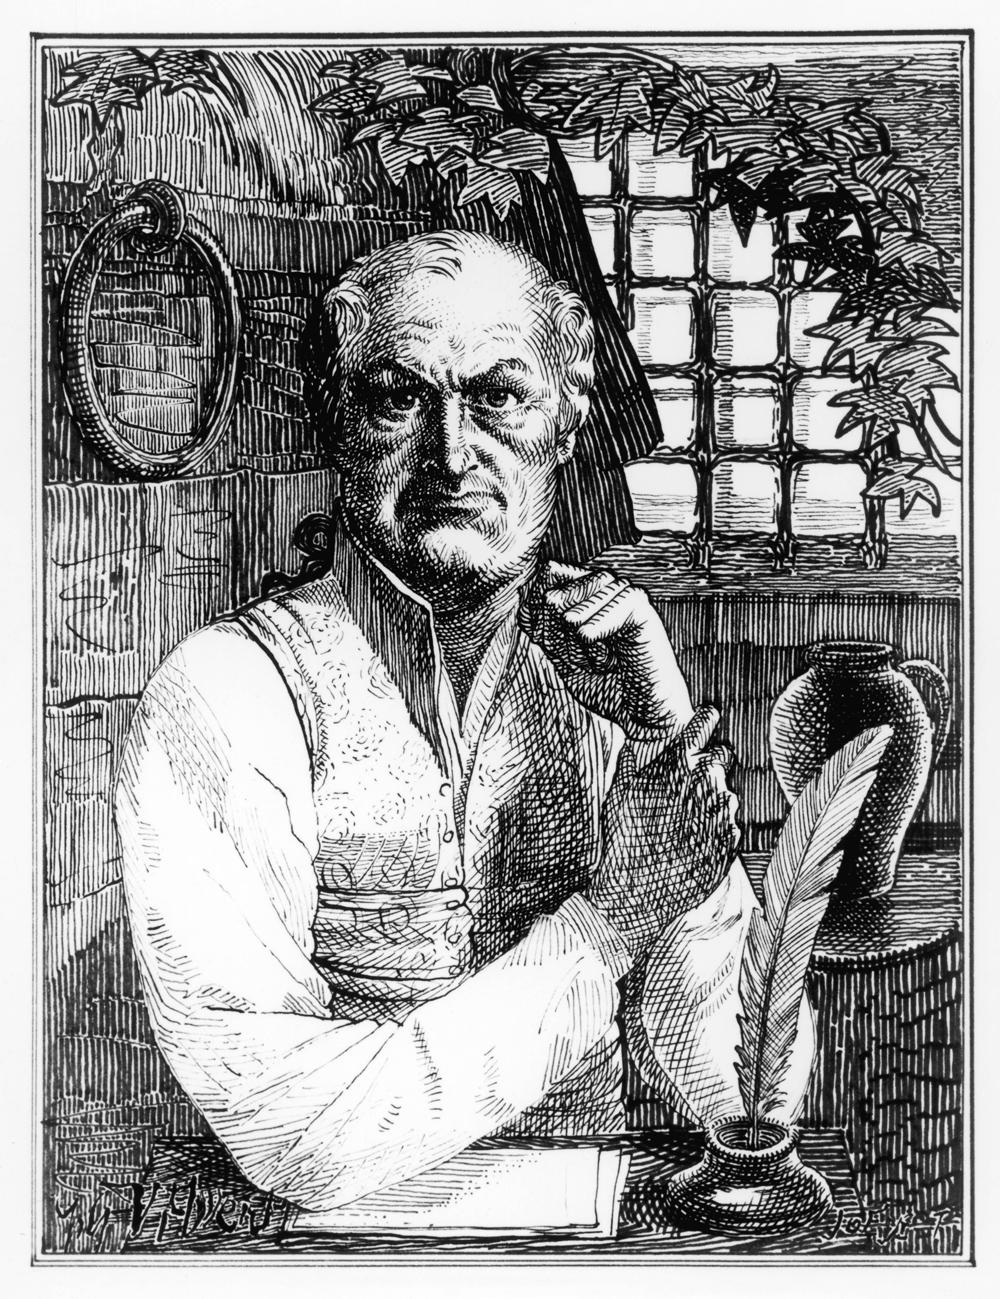 Gravura de Donatien Alphonse François, Marquês de Sade. Mary Evans / Rue des Archives.